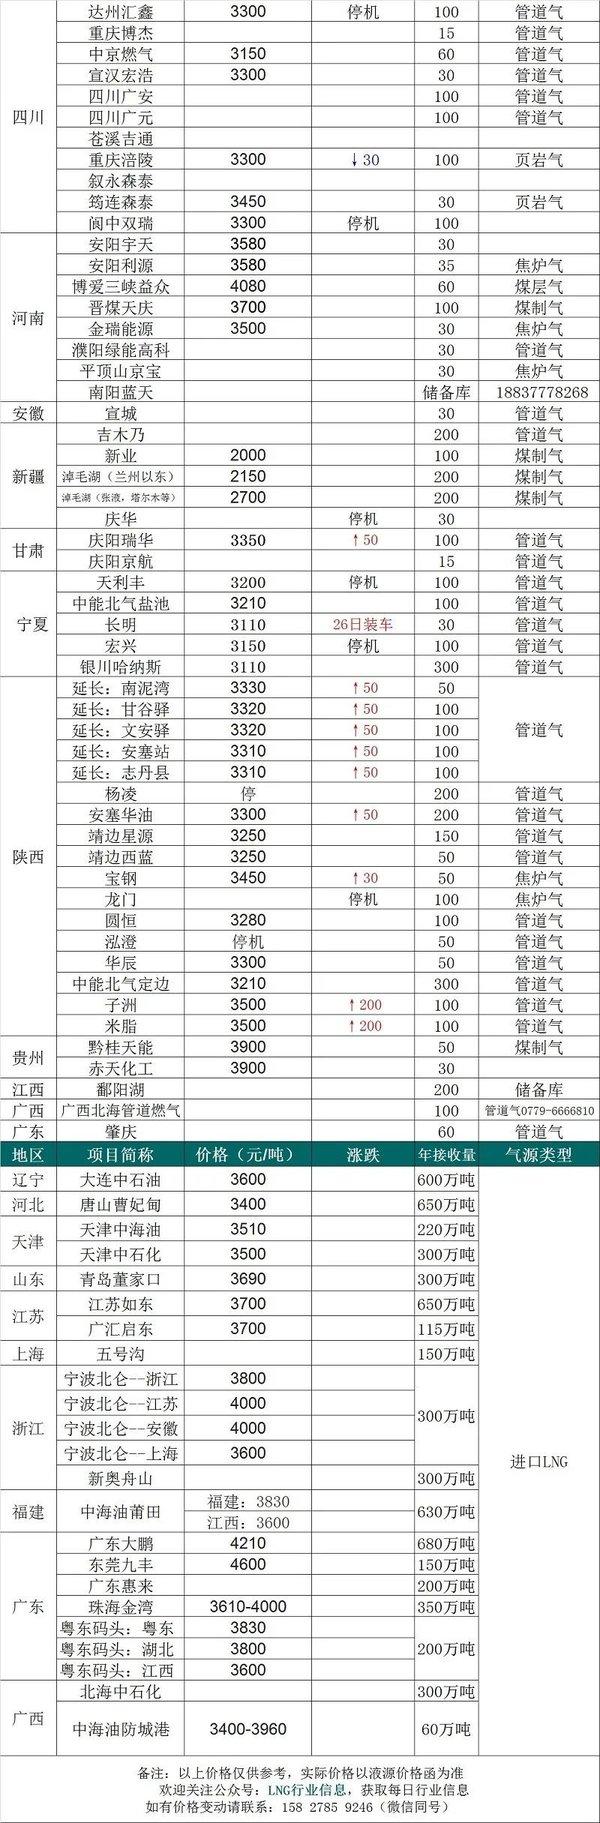 【2020年2月25日】LNG�r格信息一�[表